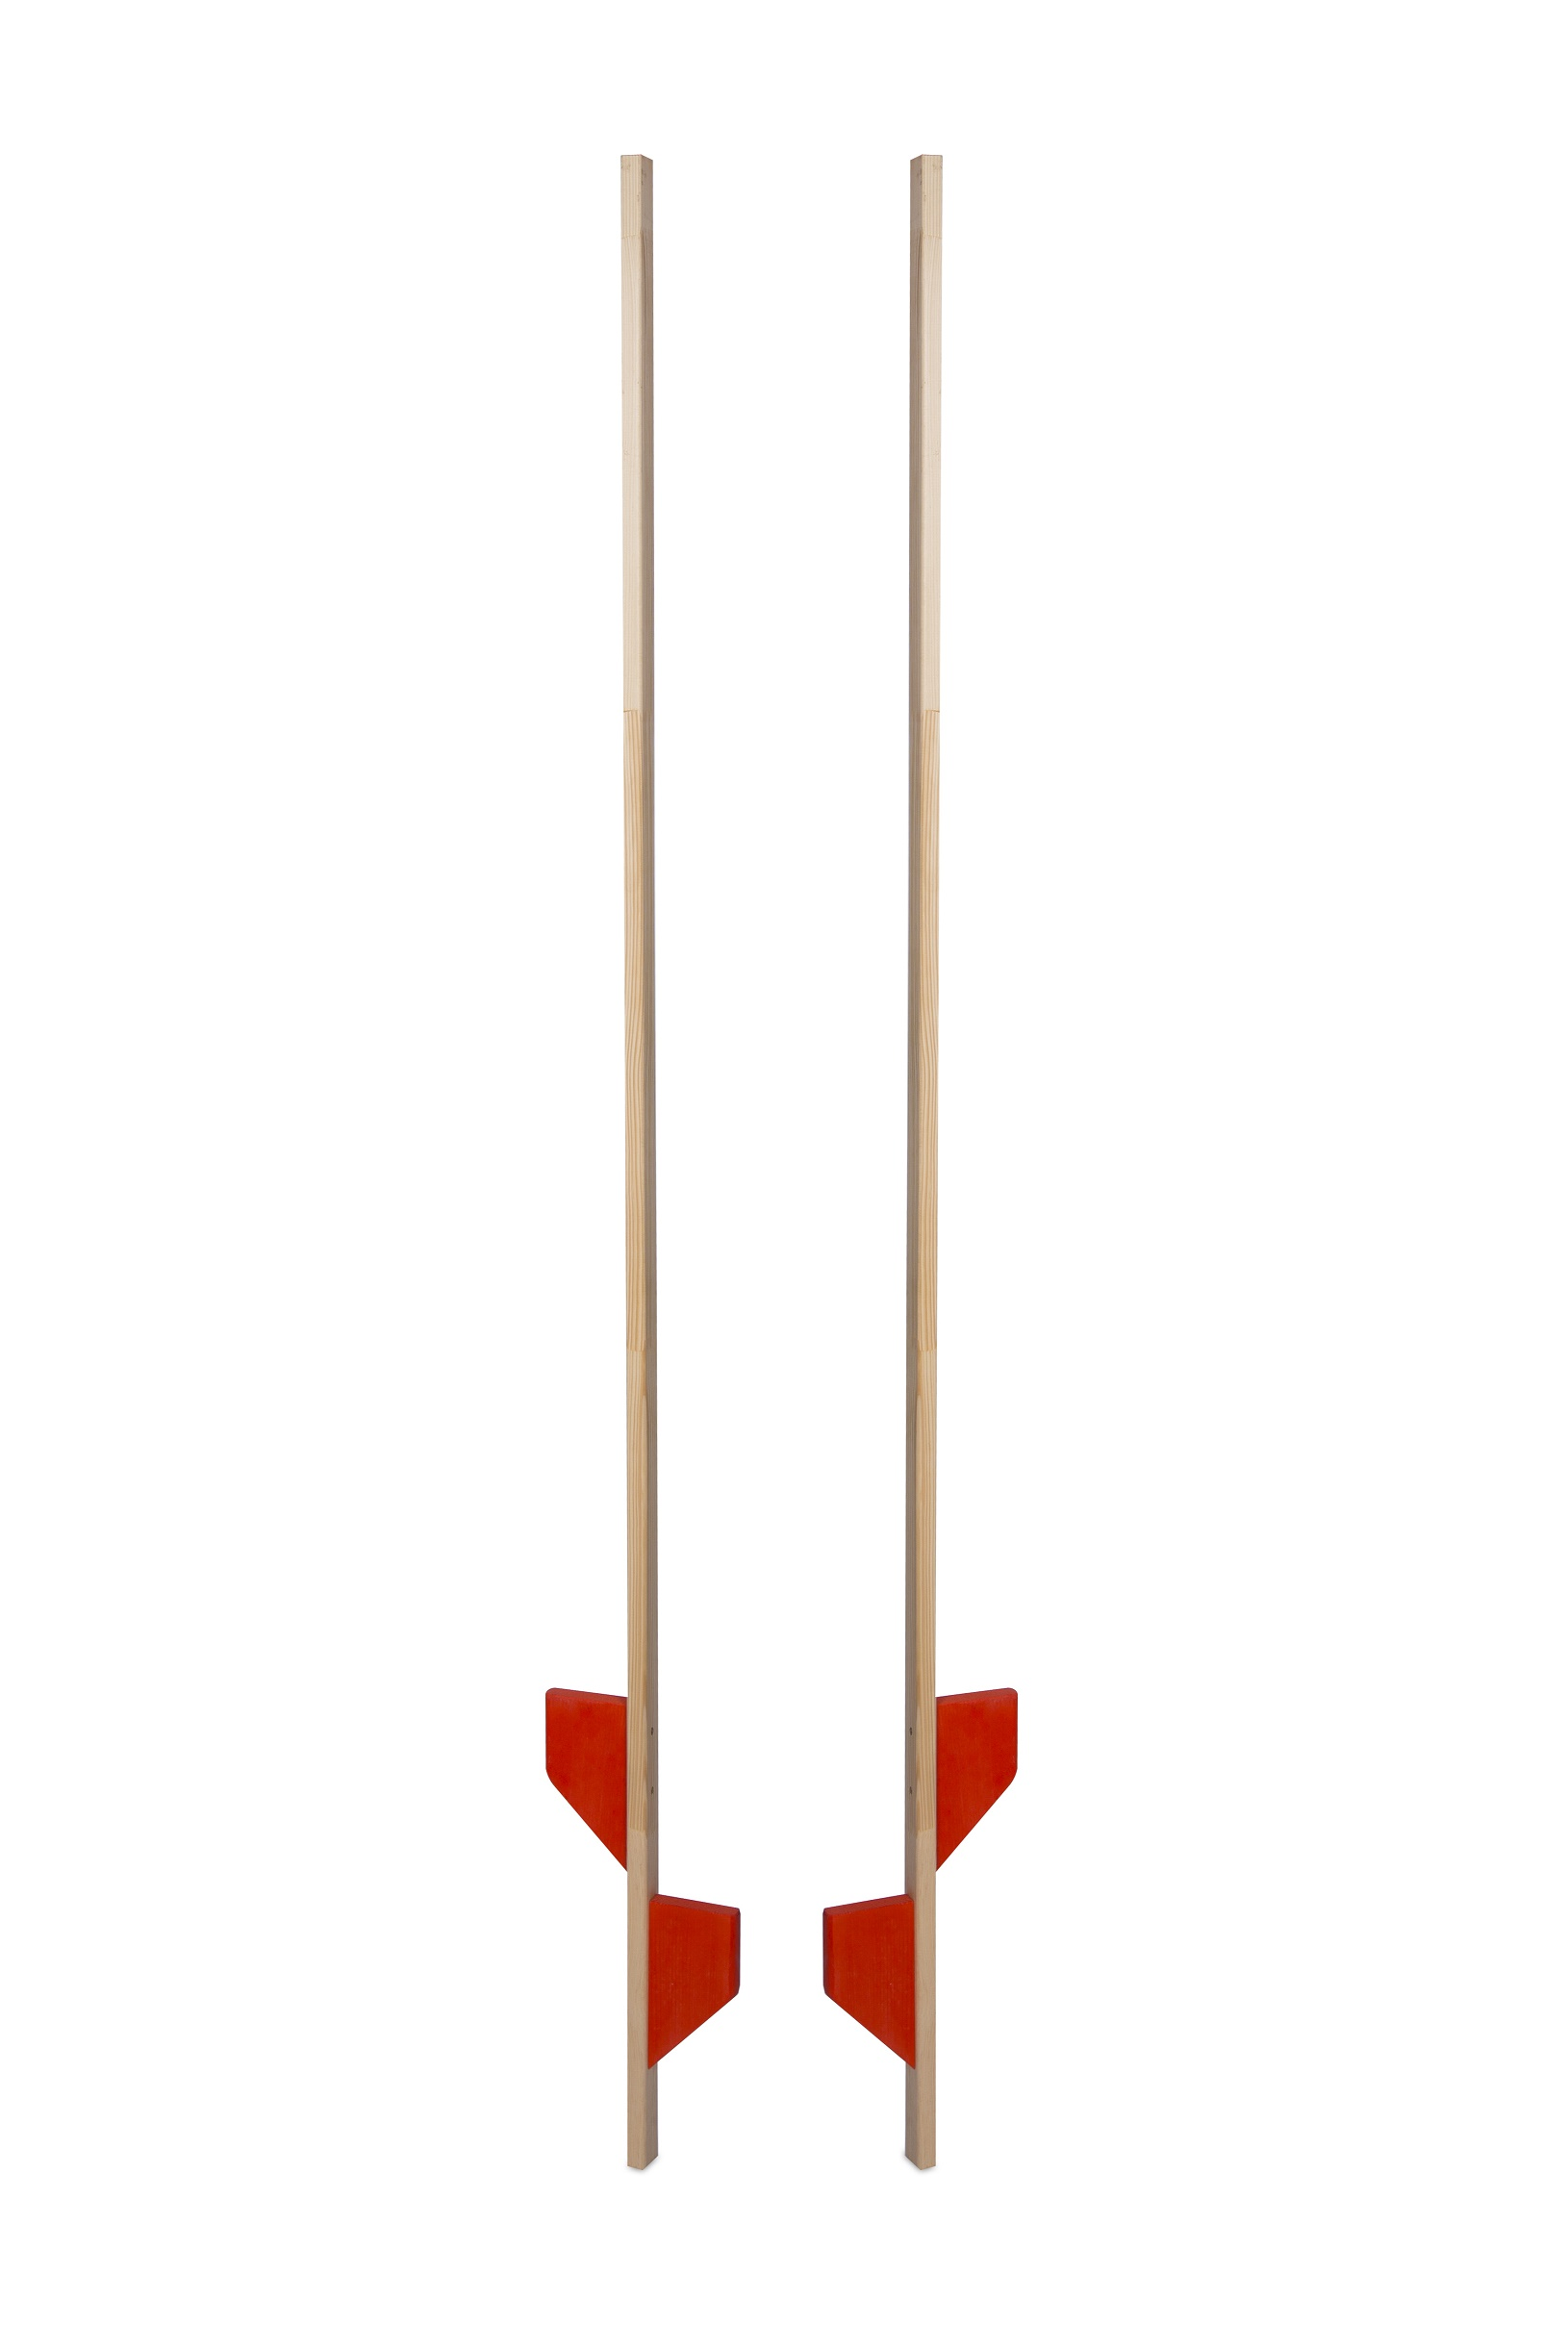 Szczudla 170 Drewniane Dla Dzieci Zabawa Rownowaga 6969073099 Allegro Pl